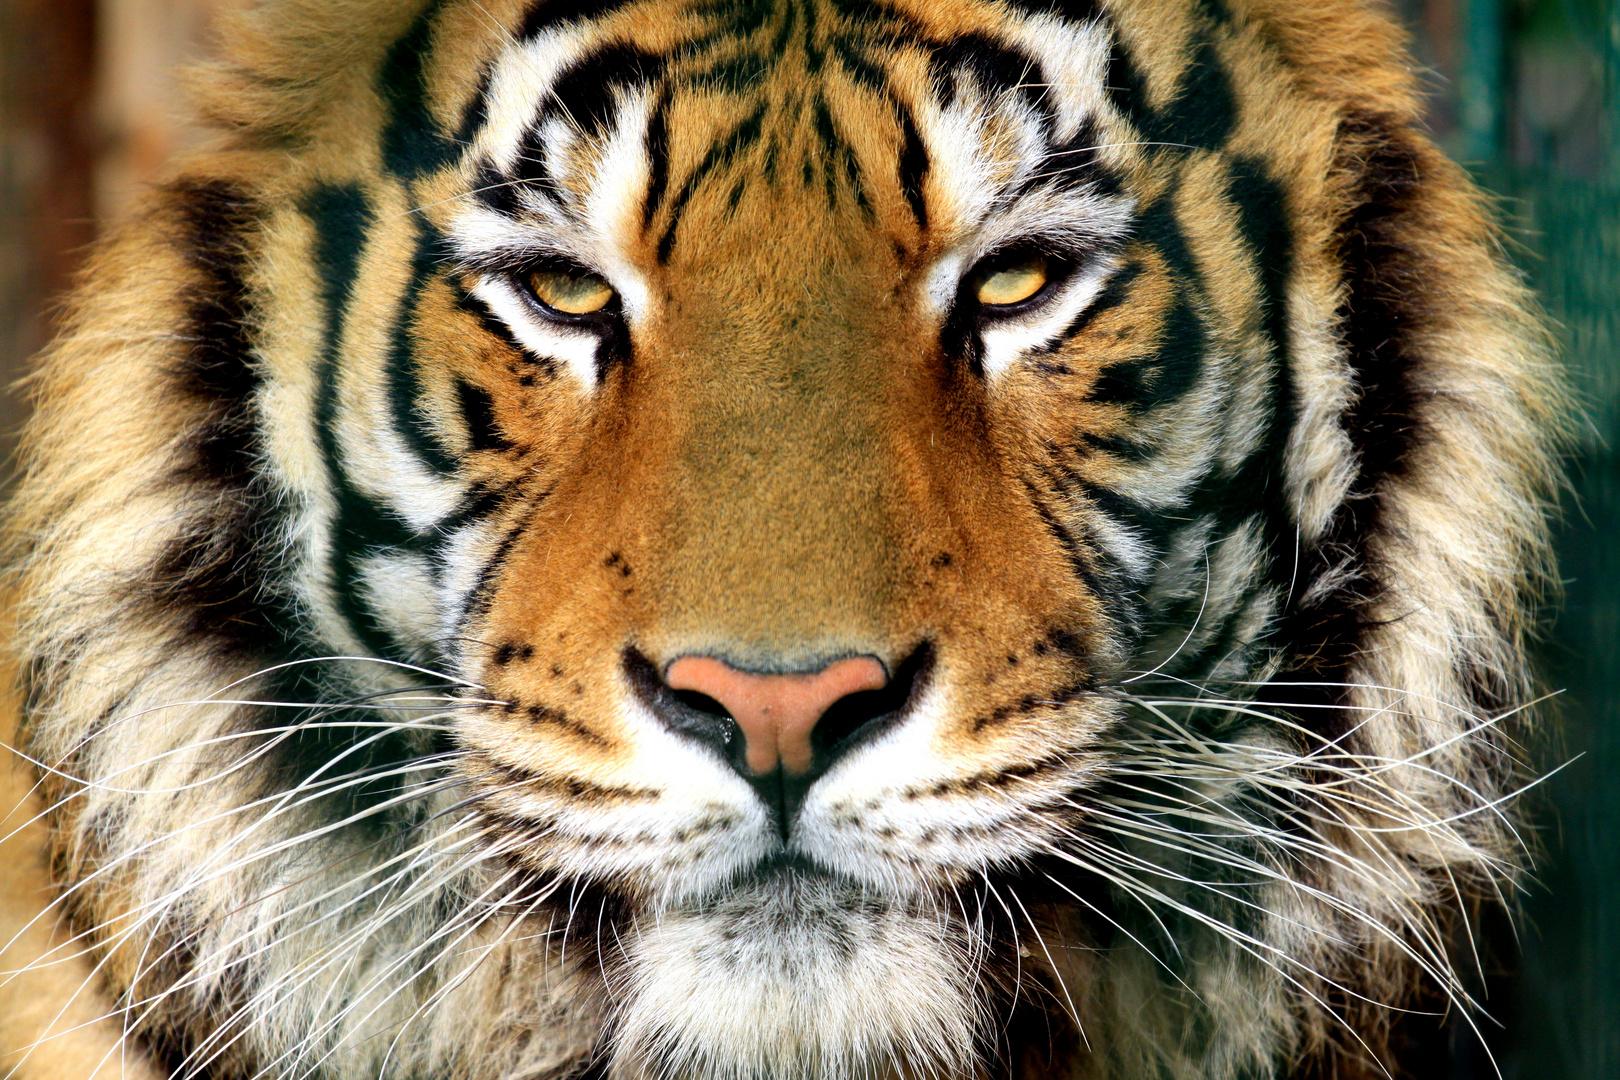 Ob Tiger...